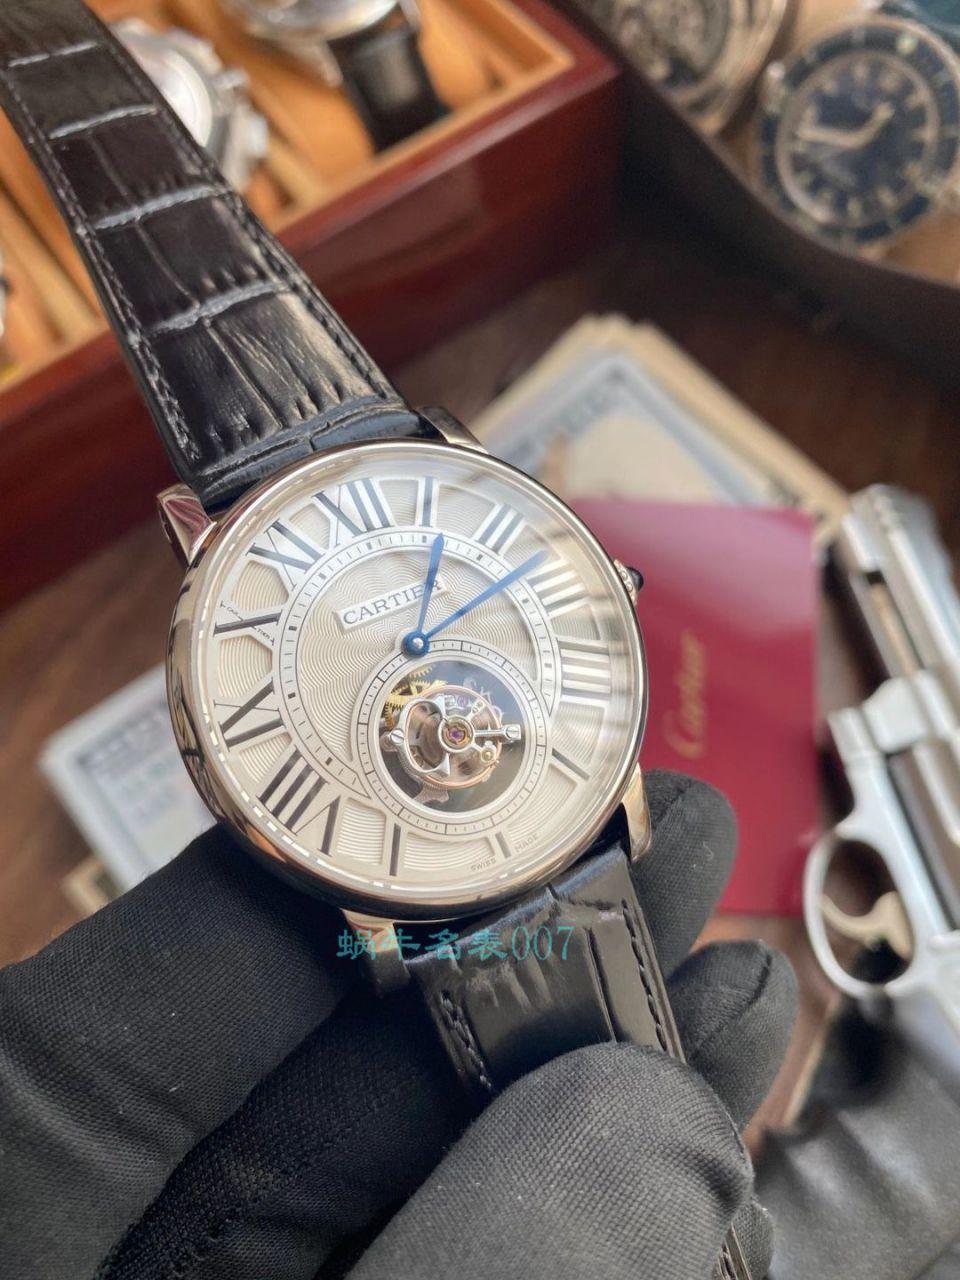 【评测视频】BBR厂卡地亚ROTONDE DE CARTIER 1比1高仿陀飞轮手表W1556215腕表 / K317